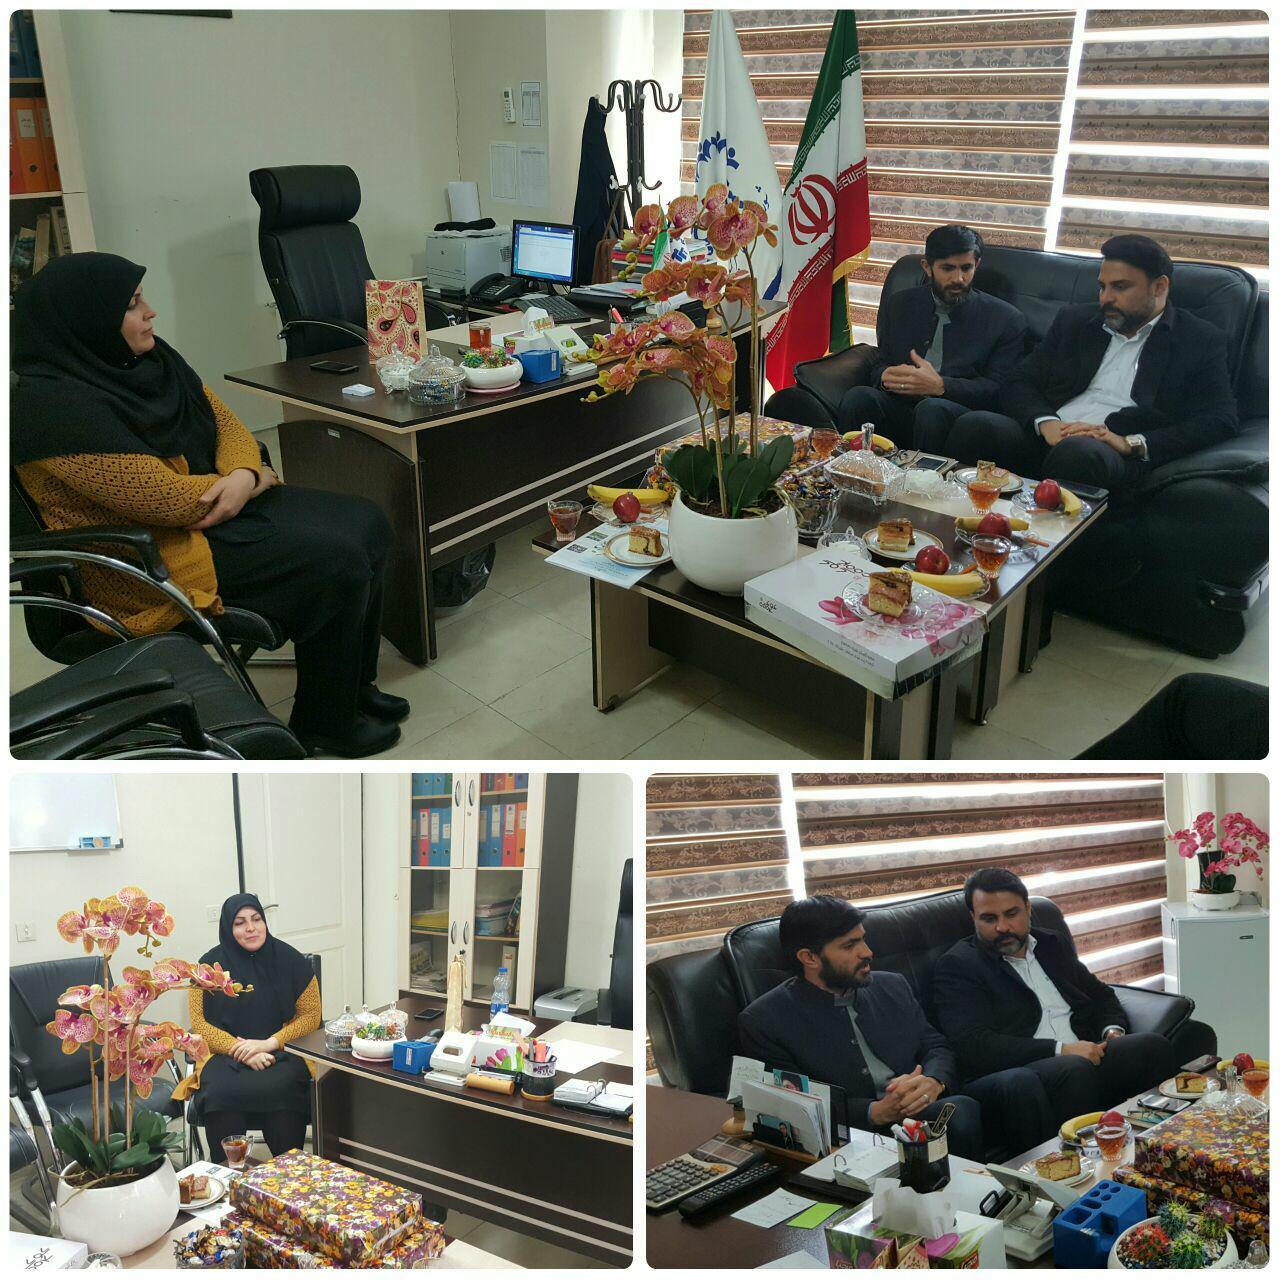 تبریک شهردار و فرمانده مرکز مقاومت بسیج پرند به رئیس شورای اسلامی شهر به مناسبت گرامیداشت روز زن